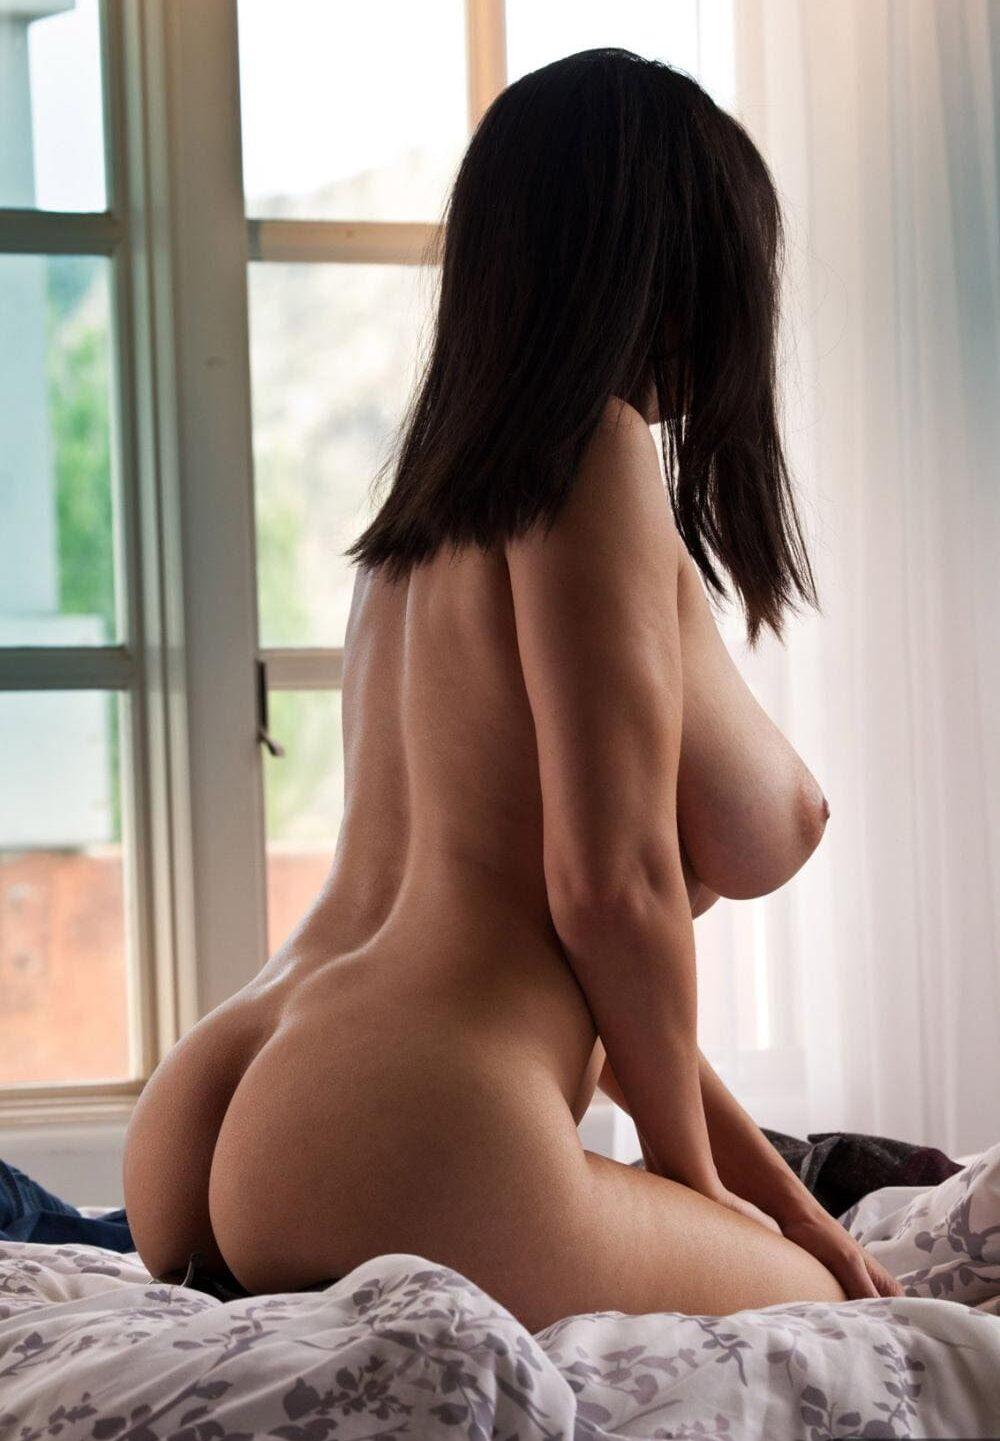 Фото голых брюнеток сидит на кровати на коленях вполоборота, лица не видно, вид сбоку